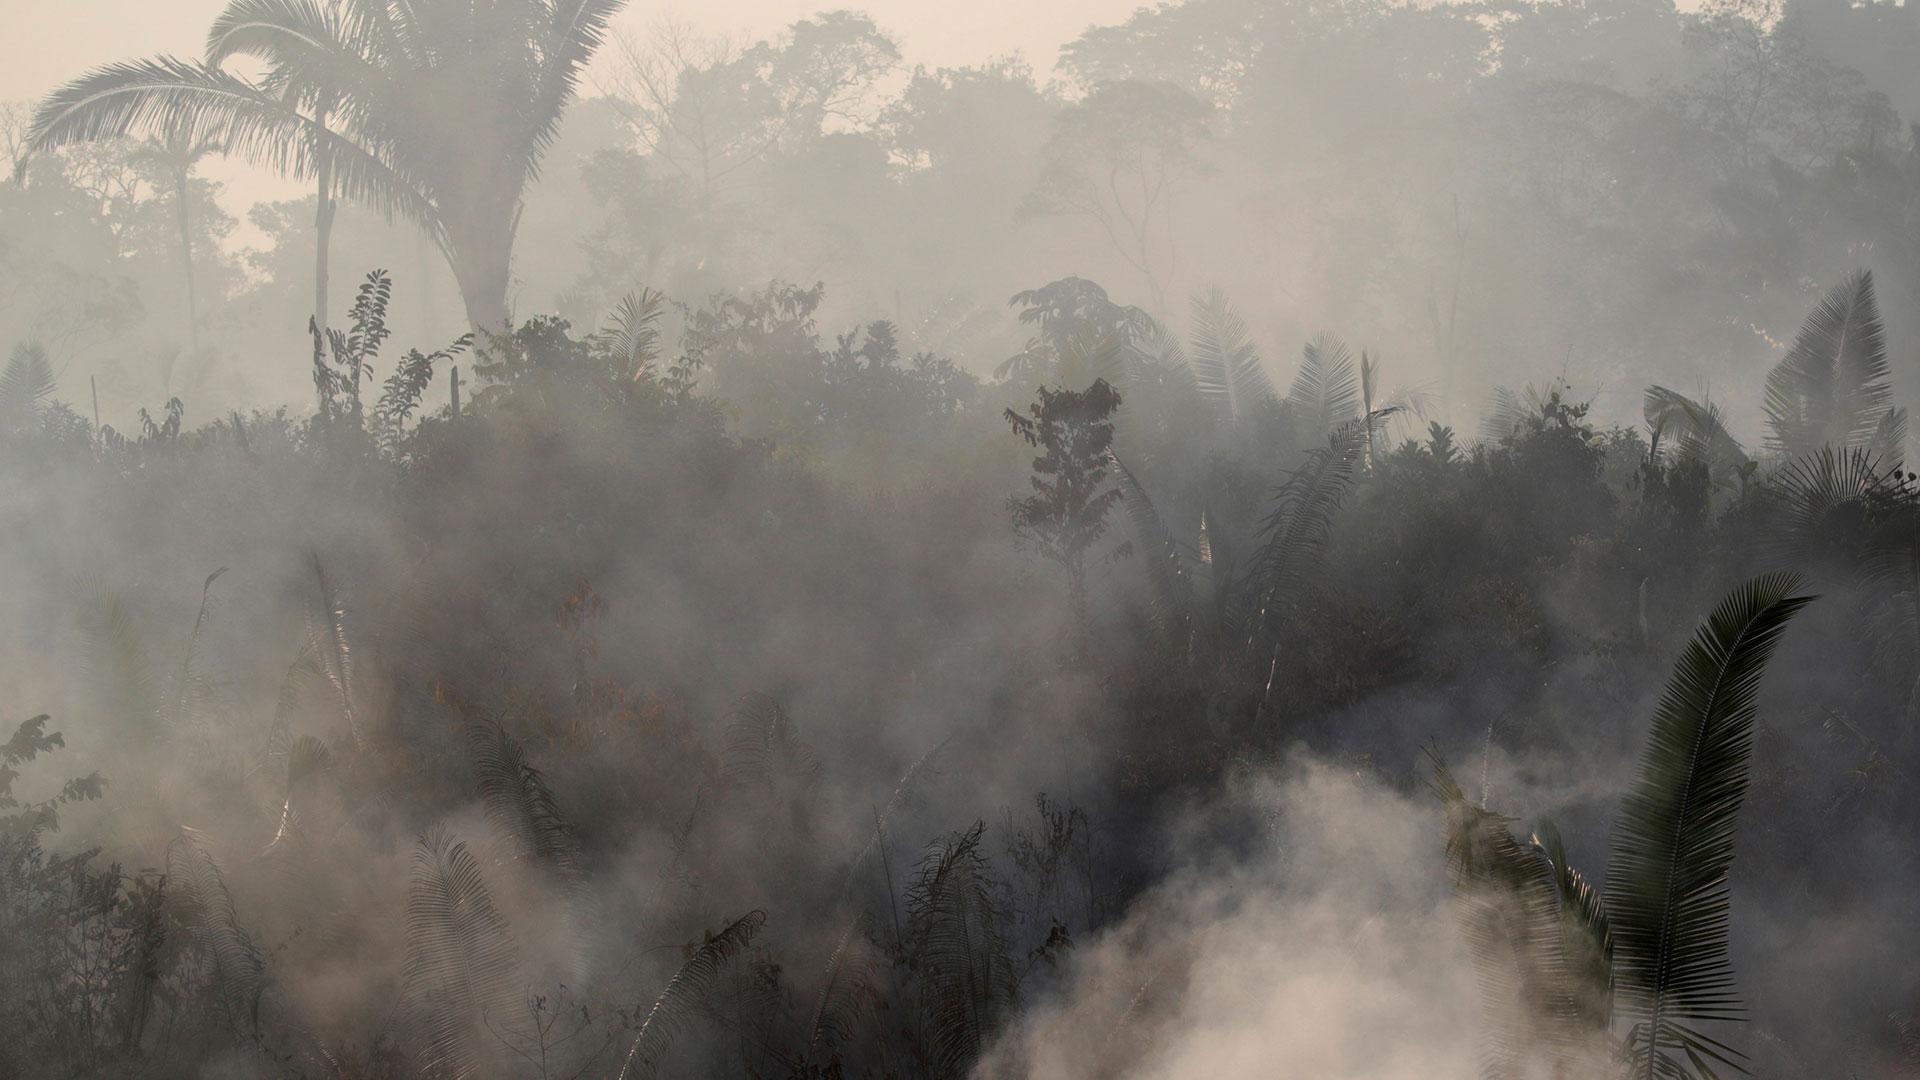 Aún cuando se sospecha que los incendios responden a una cada vez más agresiva deforestación, Bolsonaro ha sugerido que ciertas ONG, que no identificó, podrían estar promoviendo los incendios (Reuters)